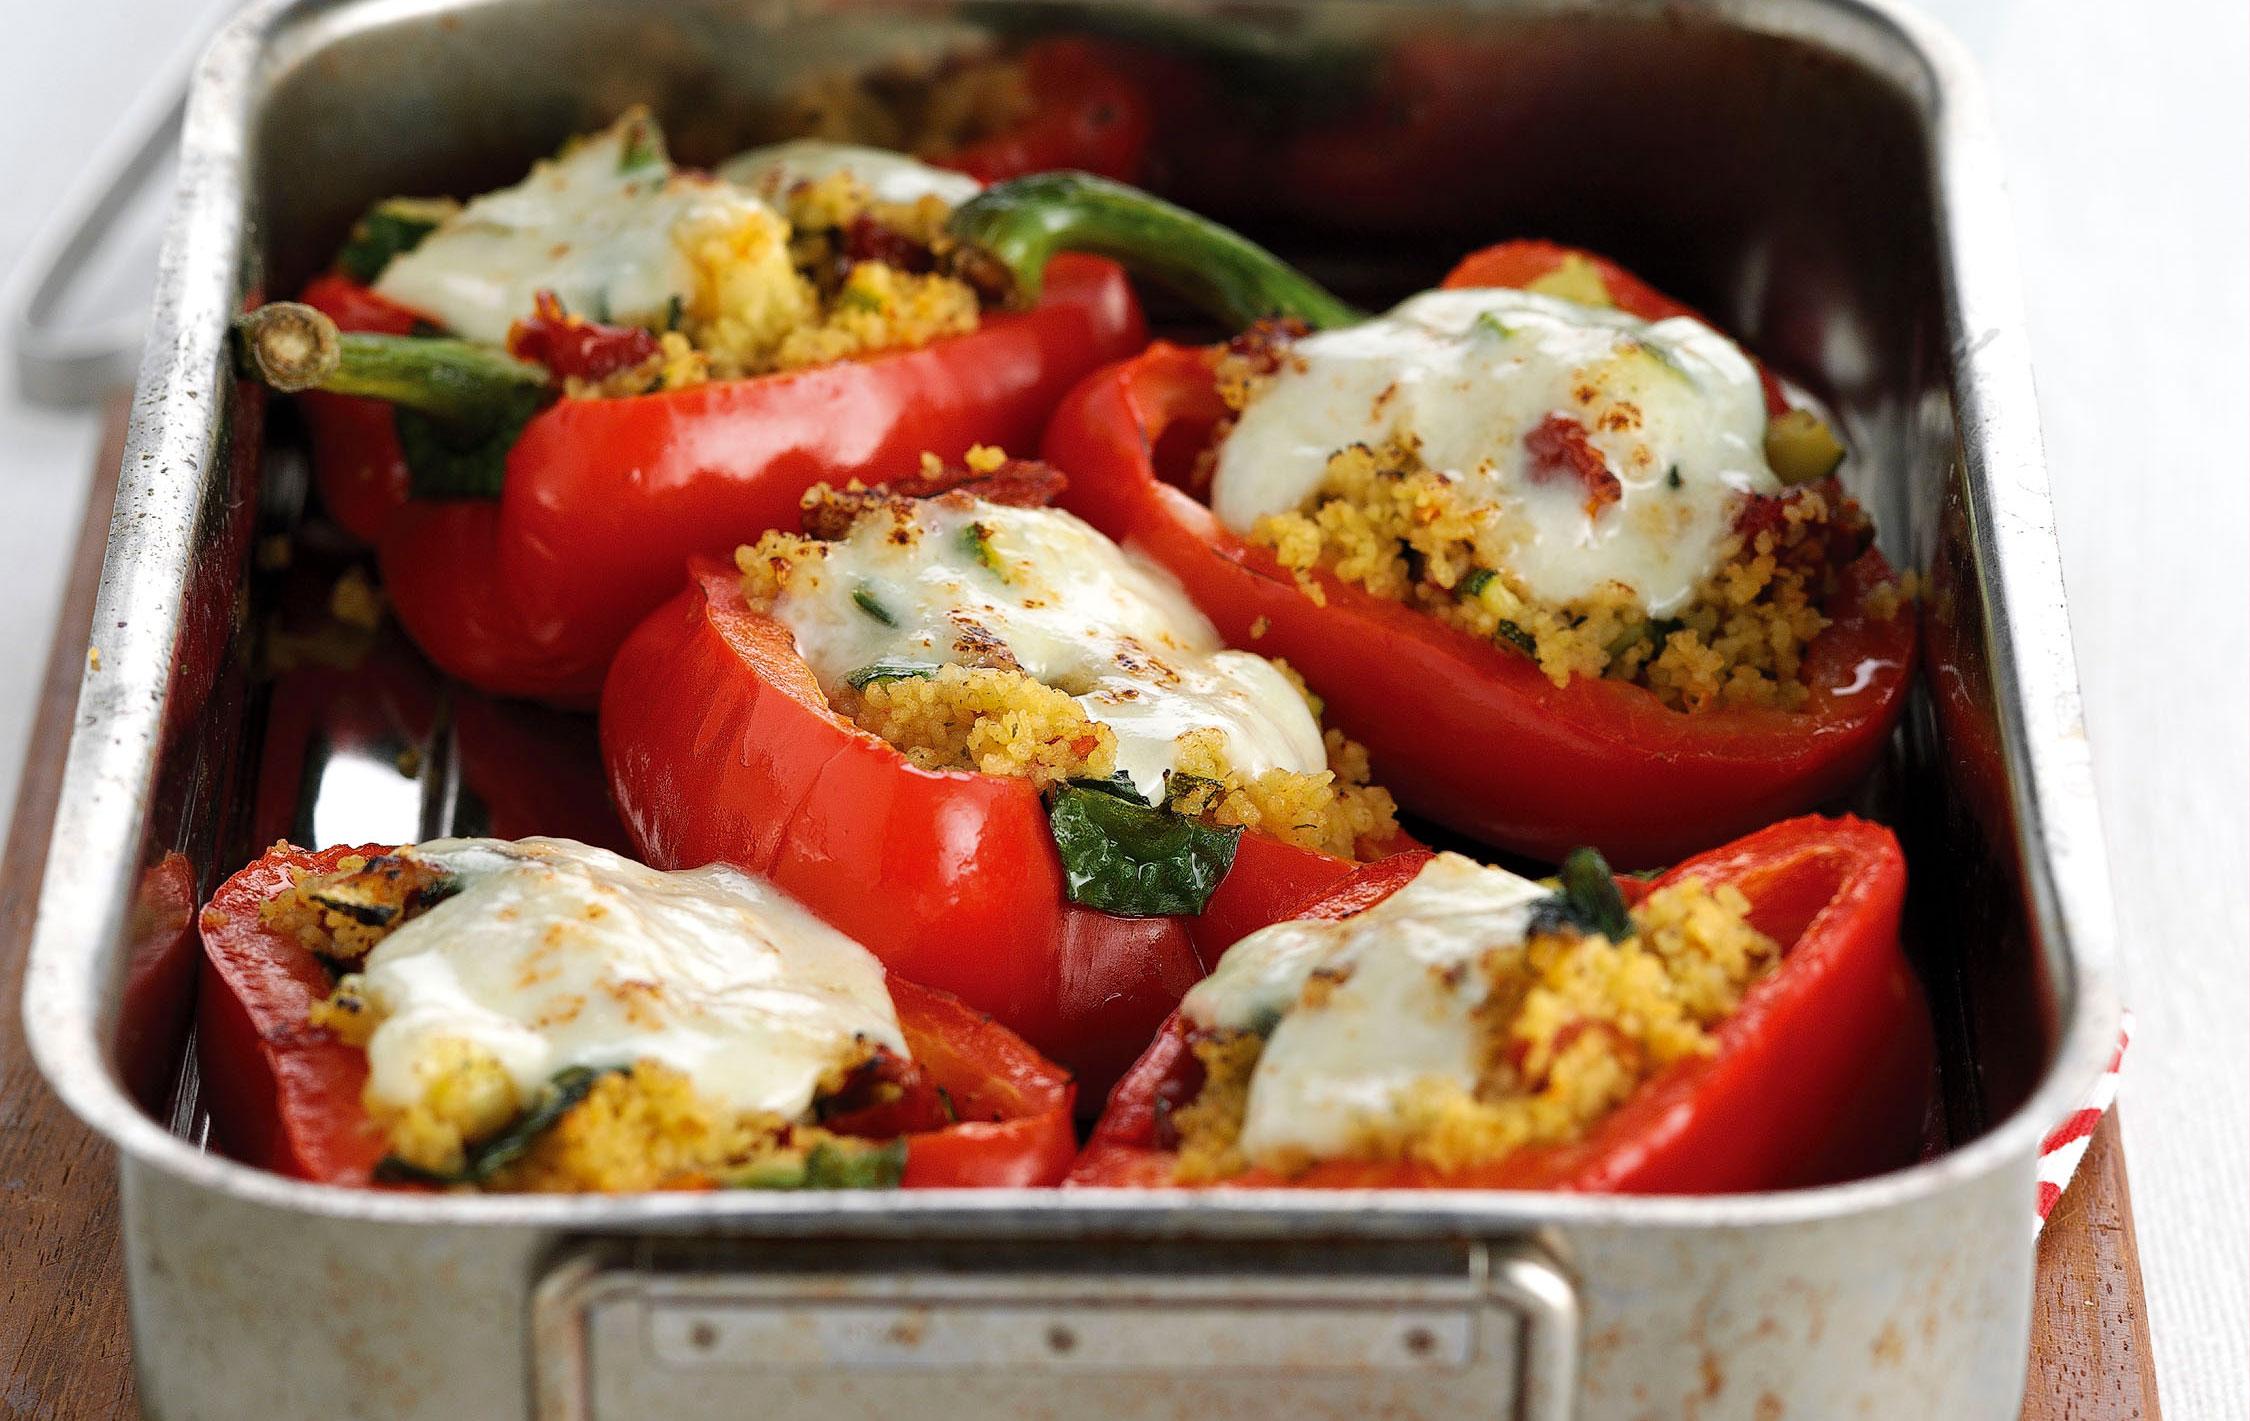 Poivrons farcis au couscous, courgette et mozzarella, repas basses calories